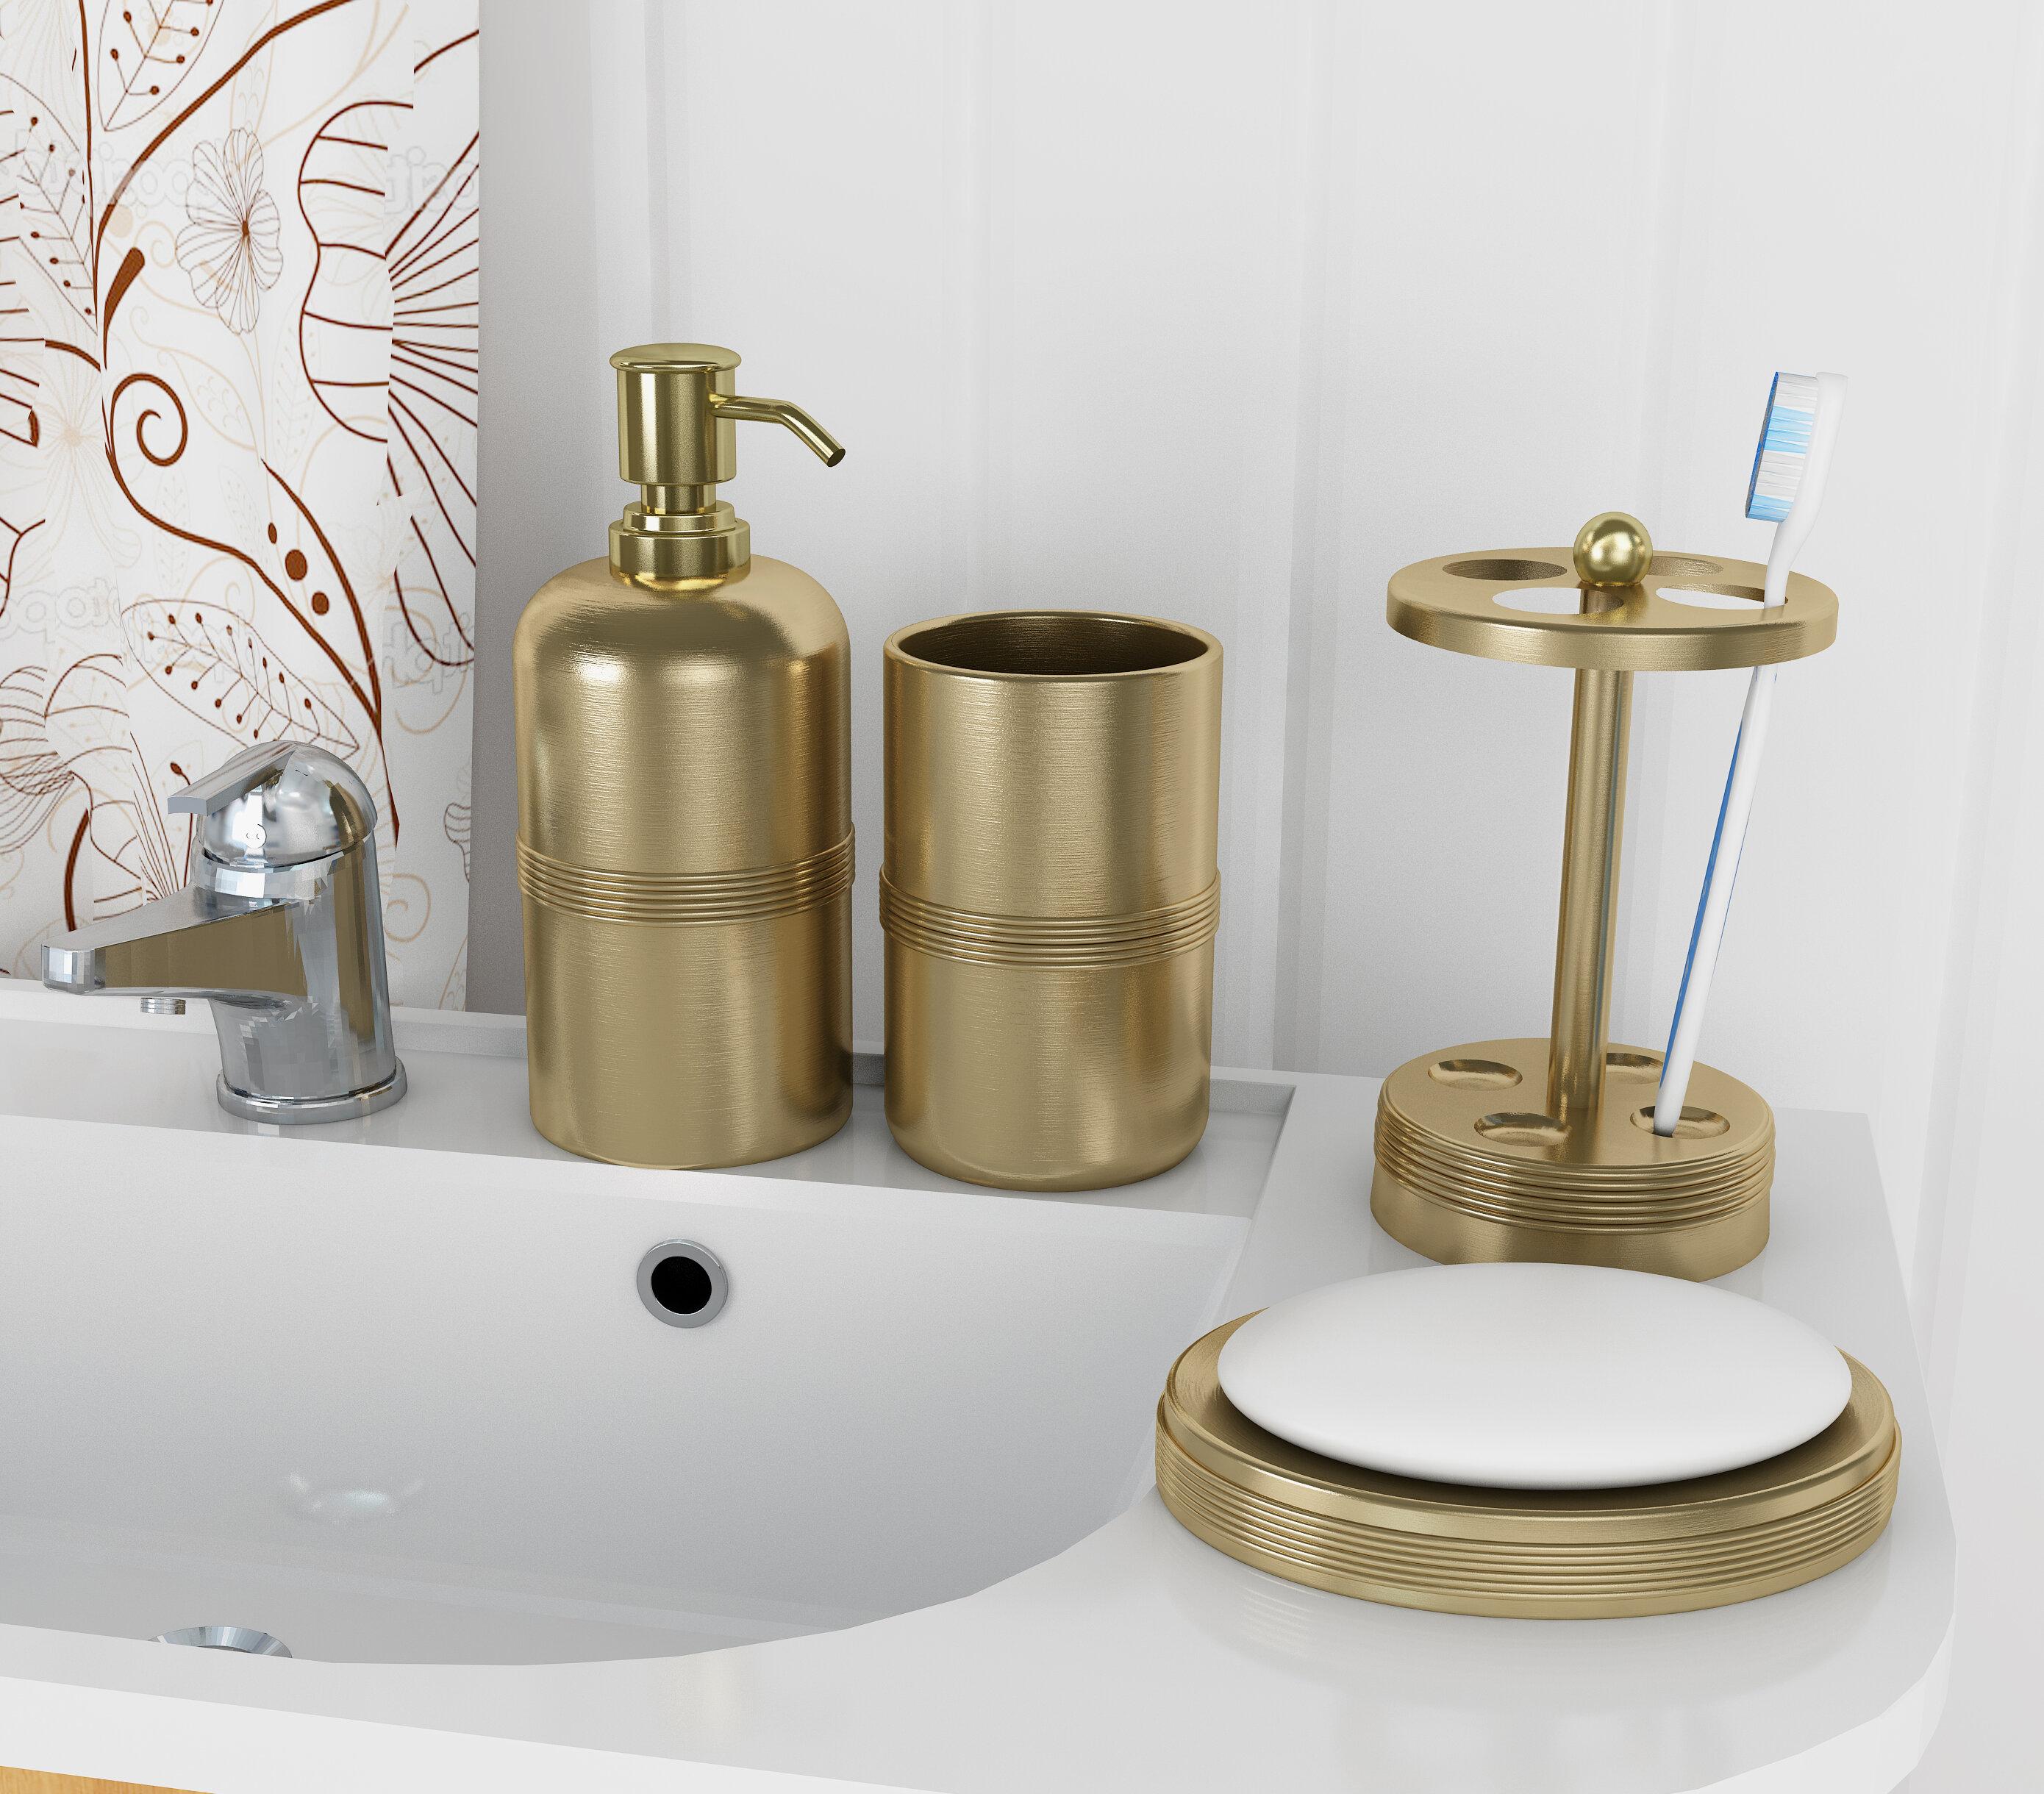 Wester 4 Piece Bathroom Accessory Set & Reviews | Joss & Main